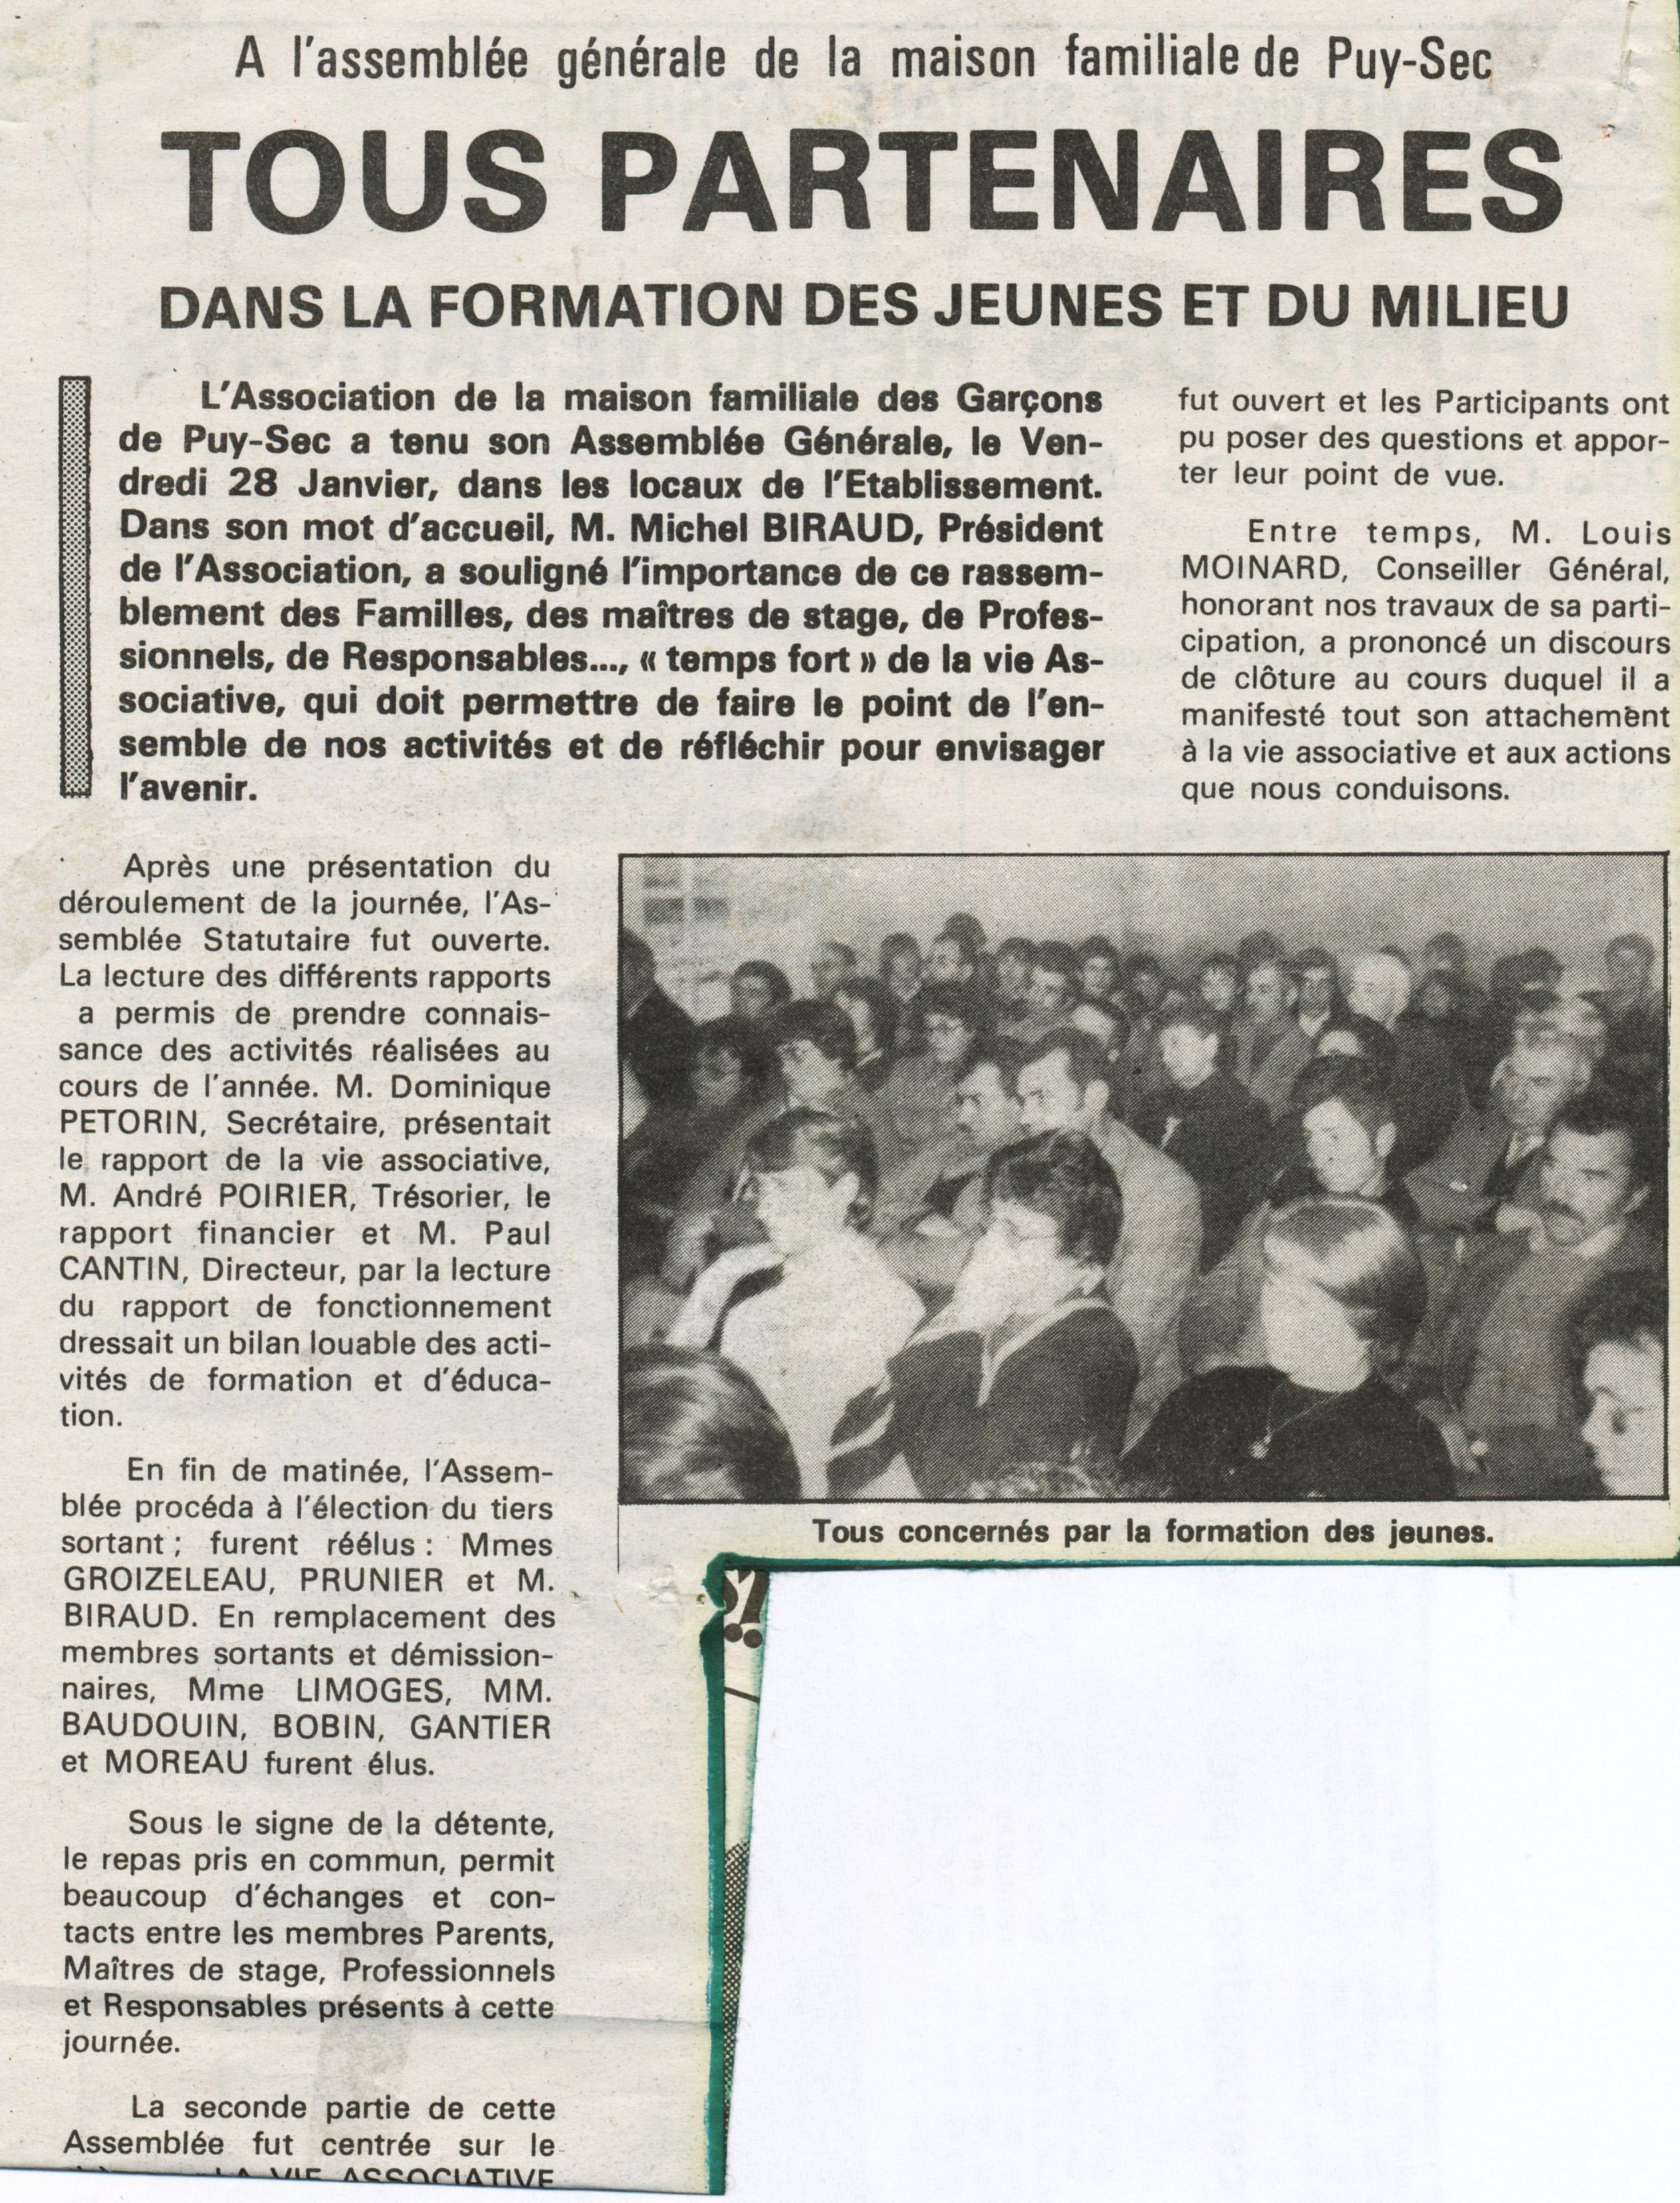 Archives anciens élèves mfr puy-sec 1983 (4)